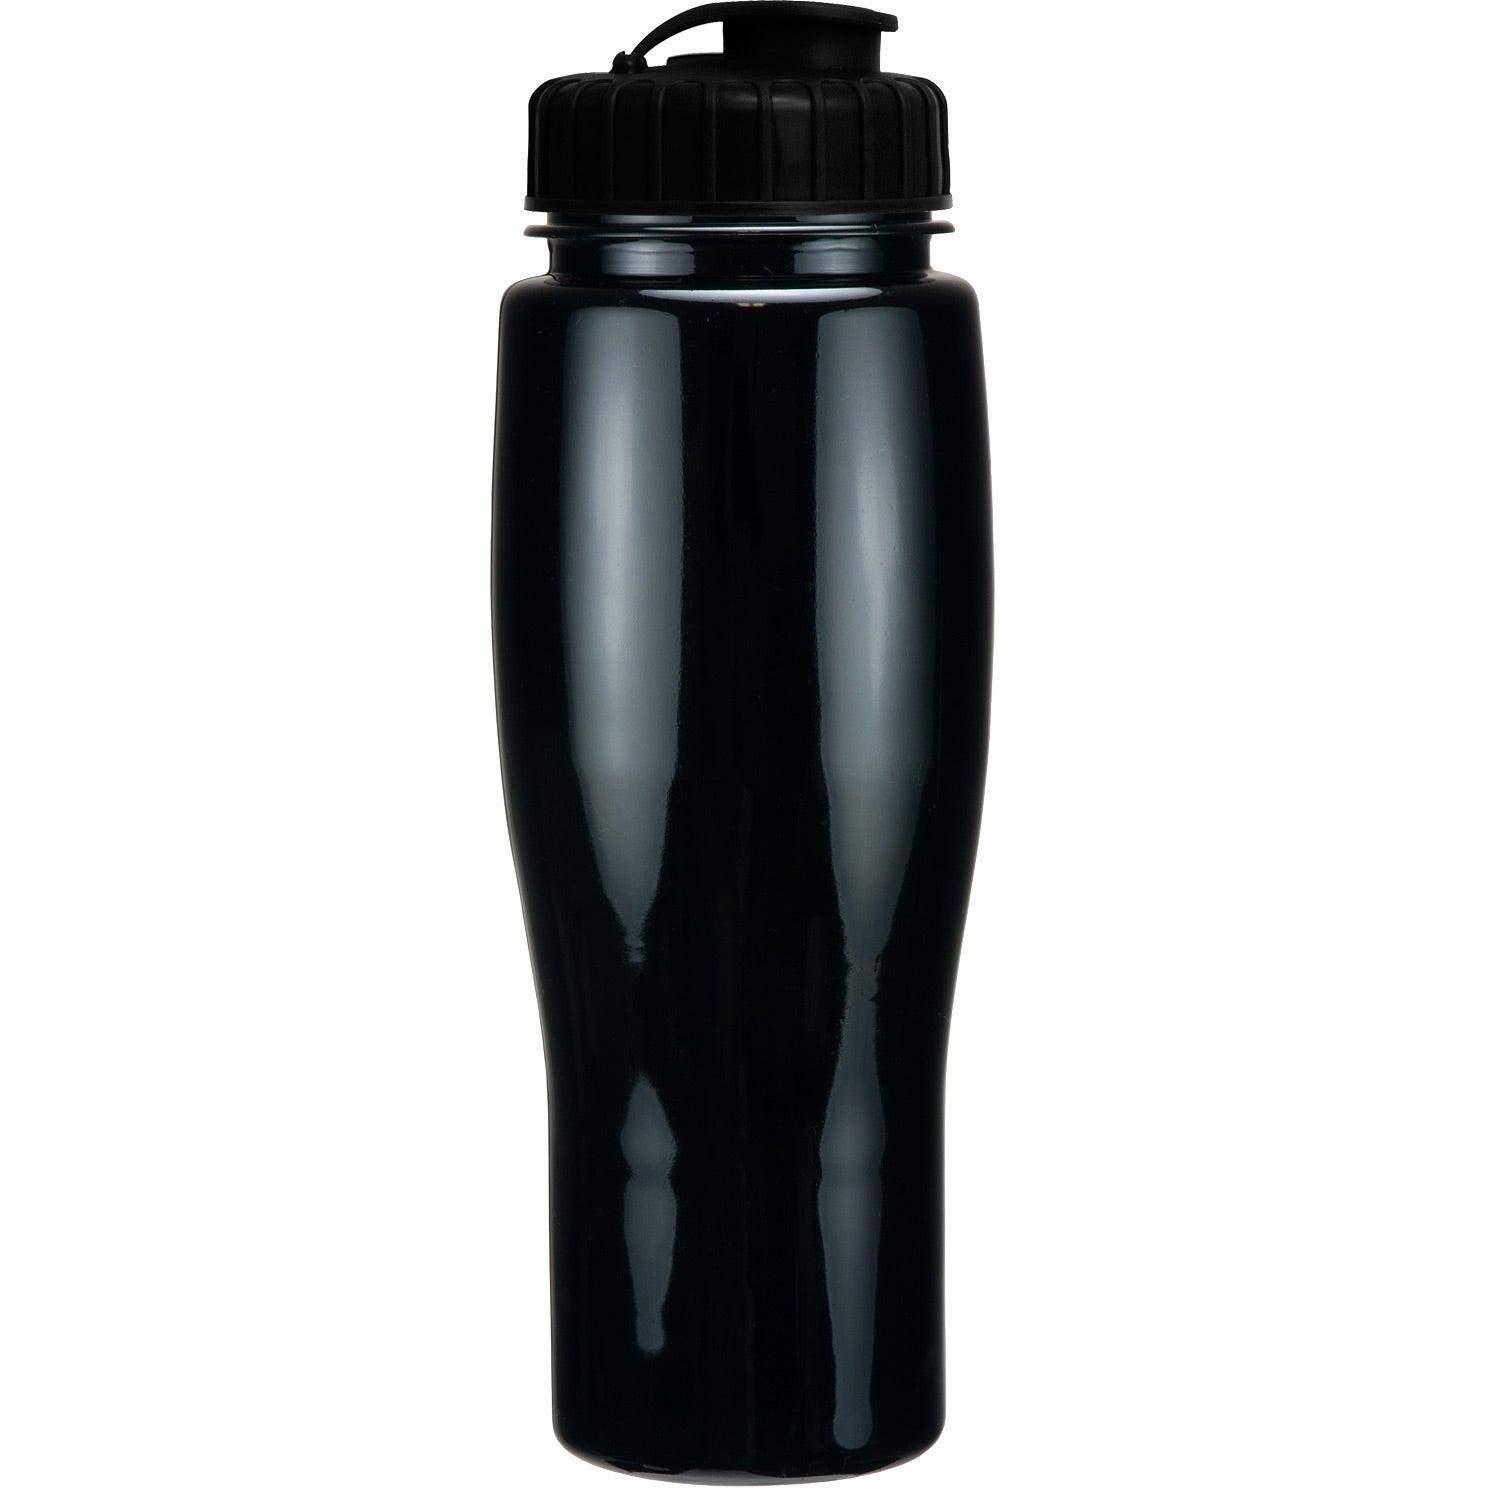 Opaque Contour Bottle With Flip Top Lid (24 Oz.)